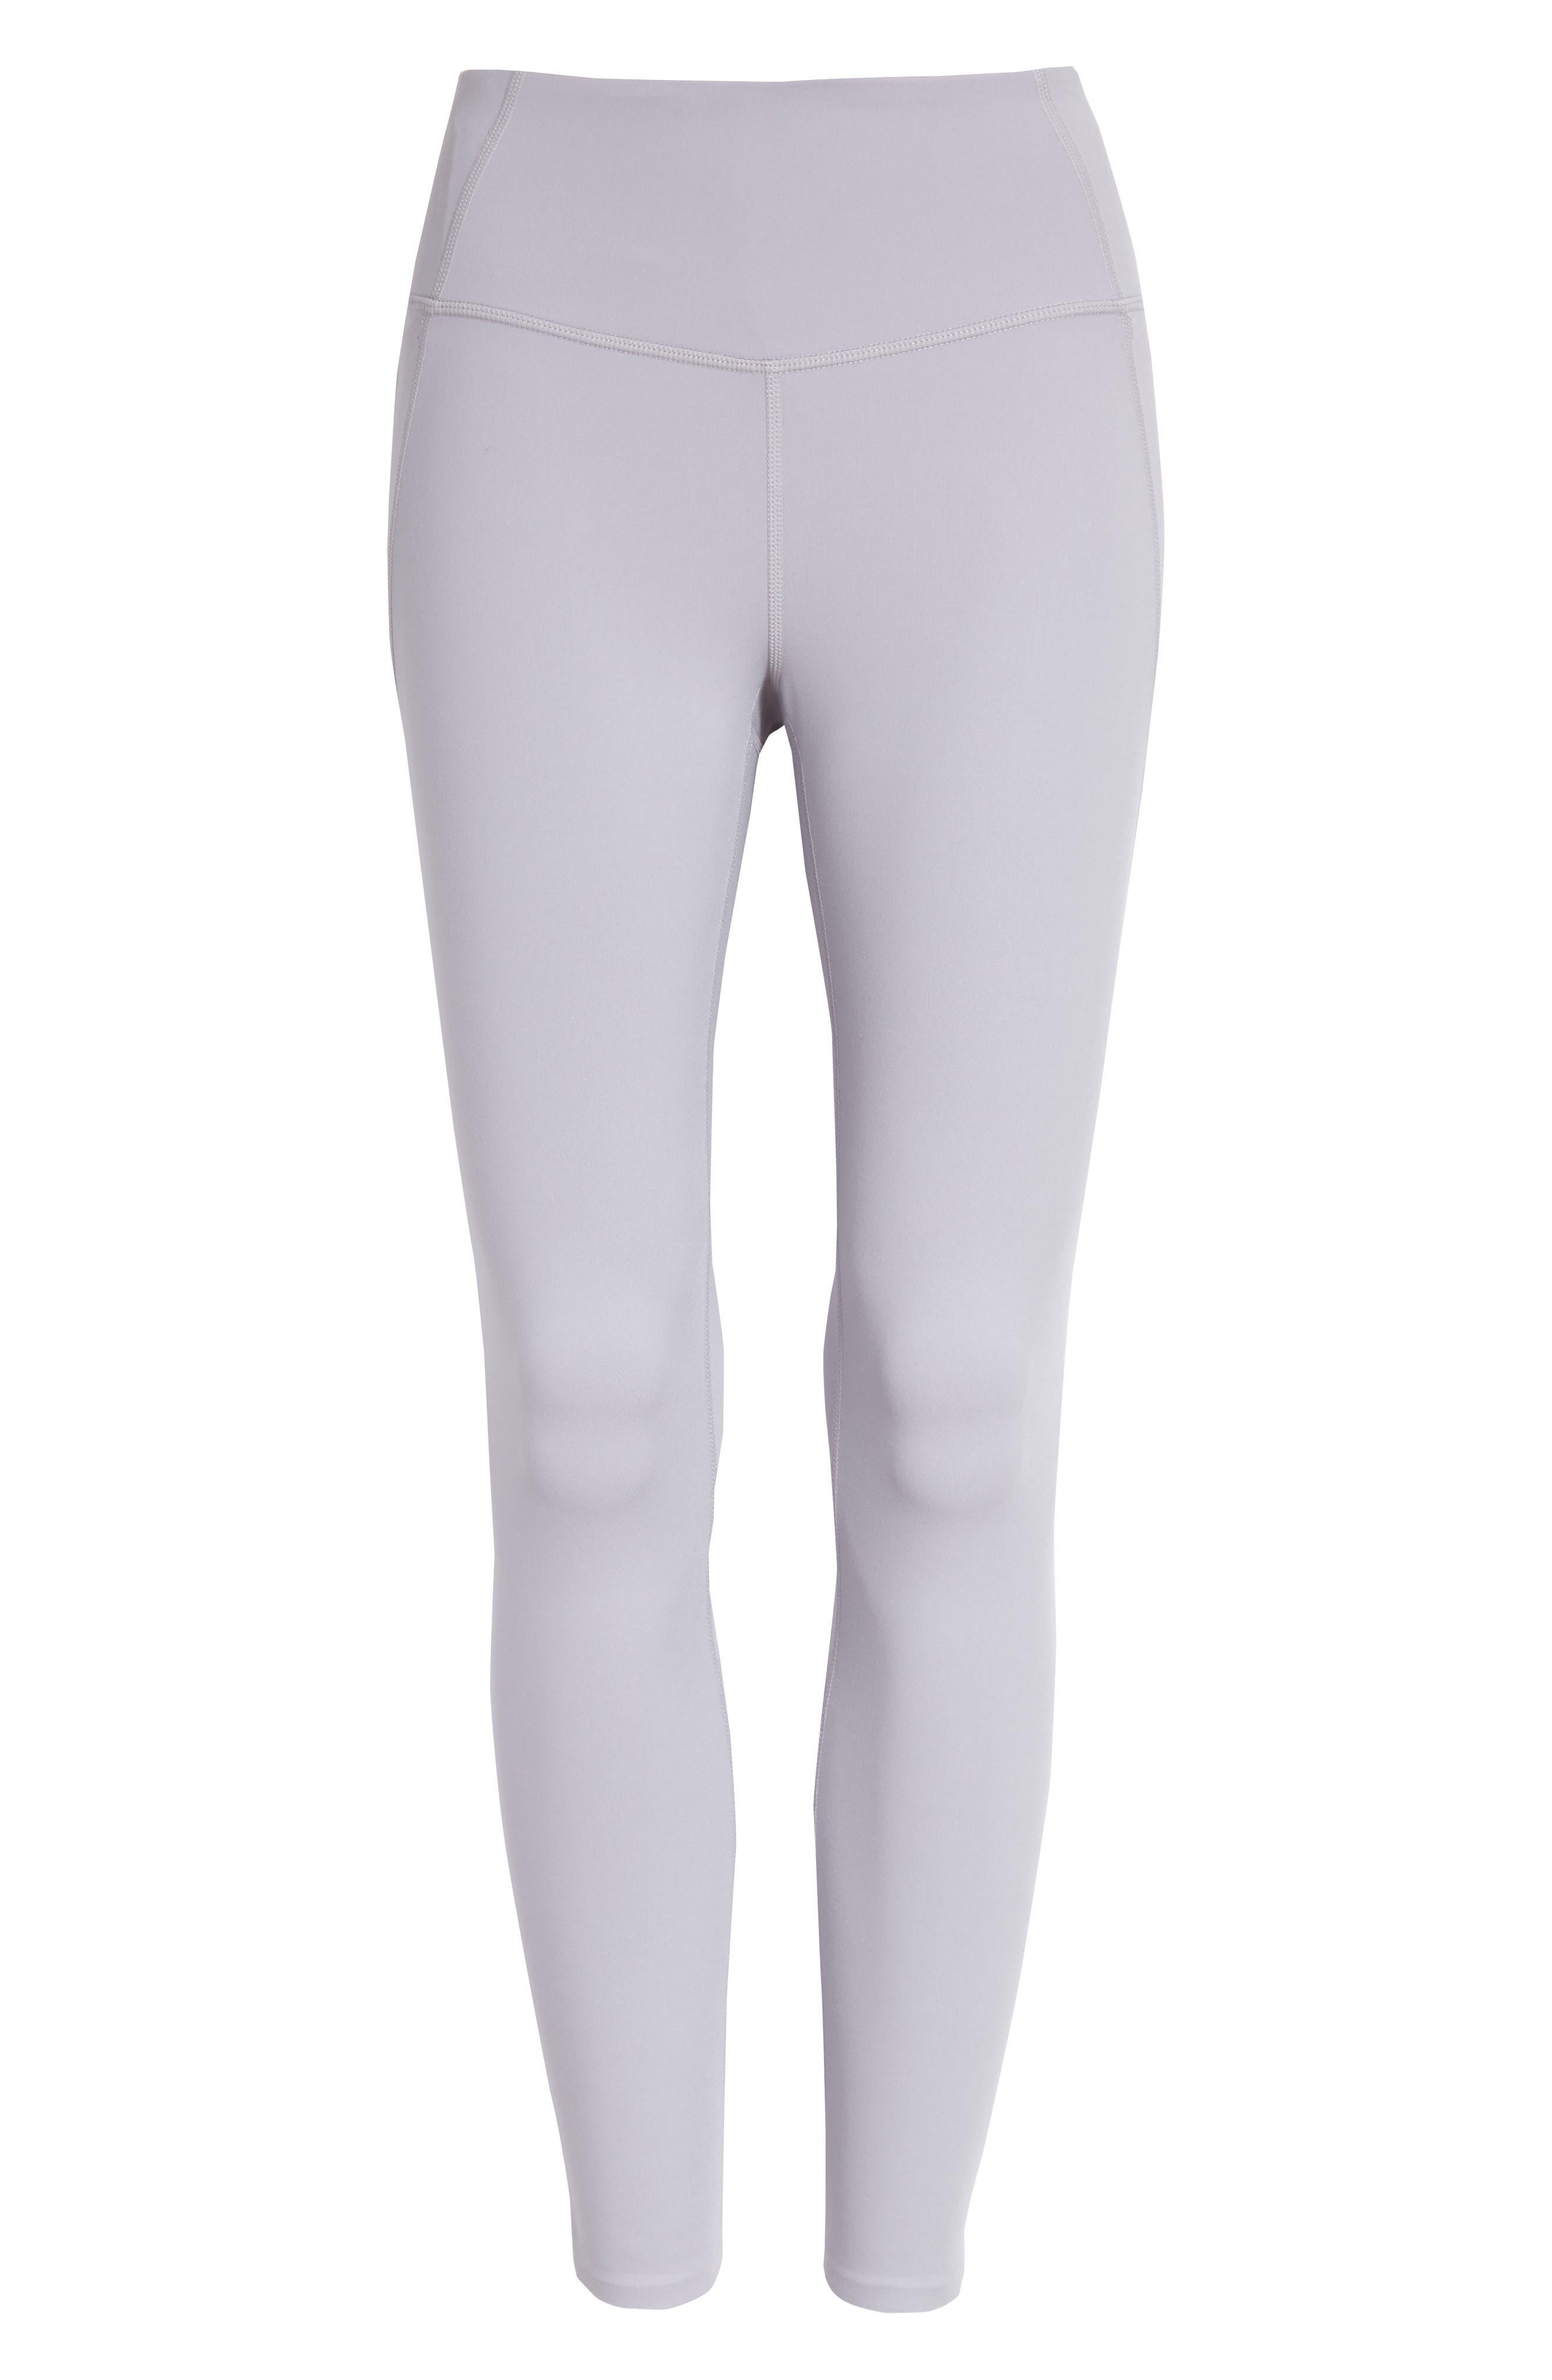 Women's Zella Studio Lite High Waist Pocket 7/8 Leggings